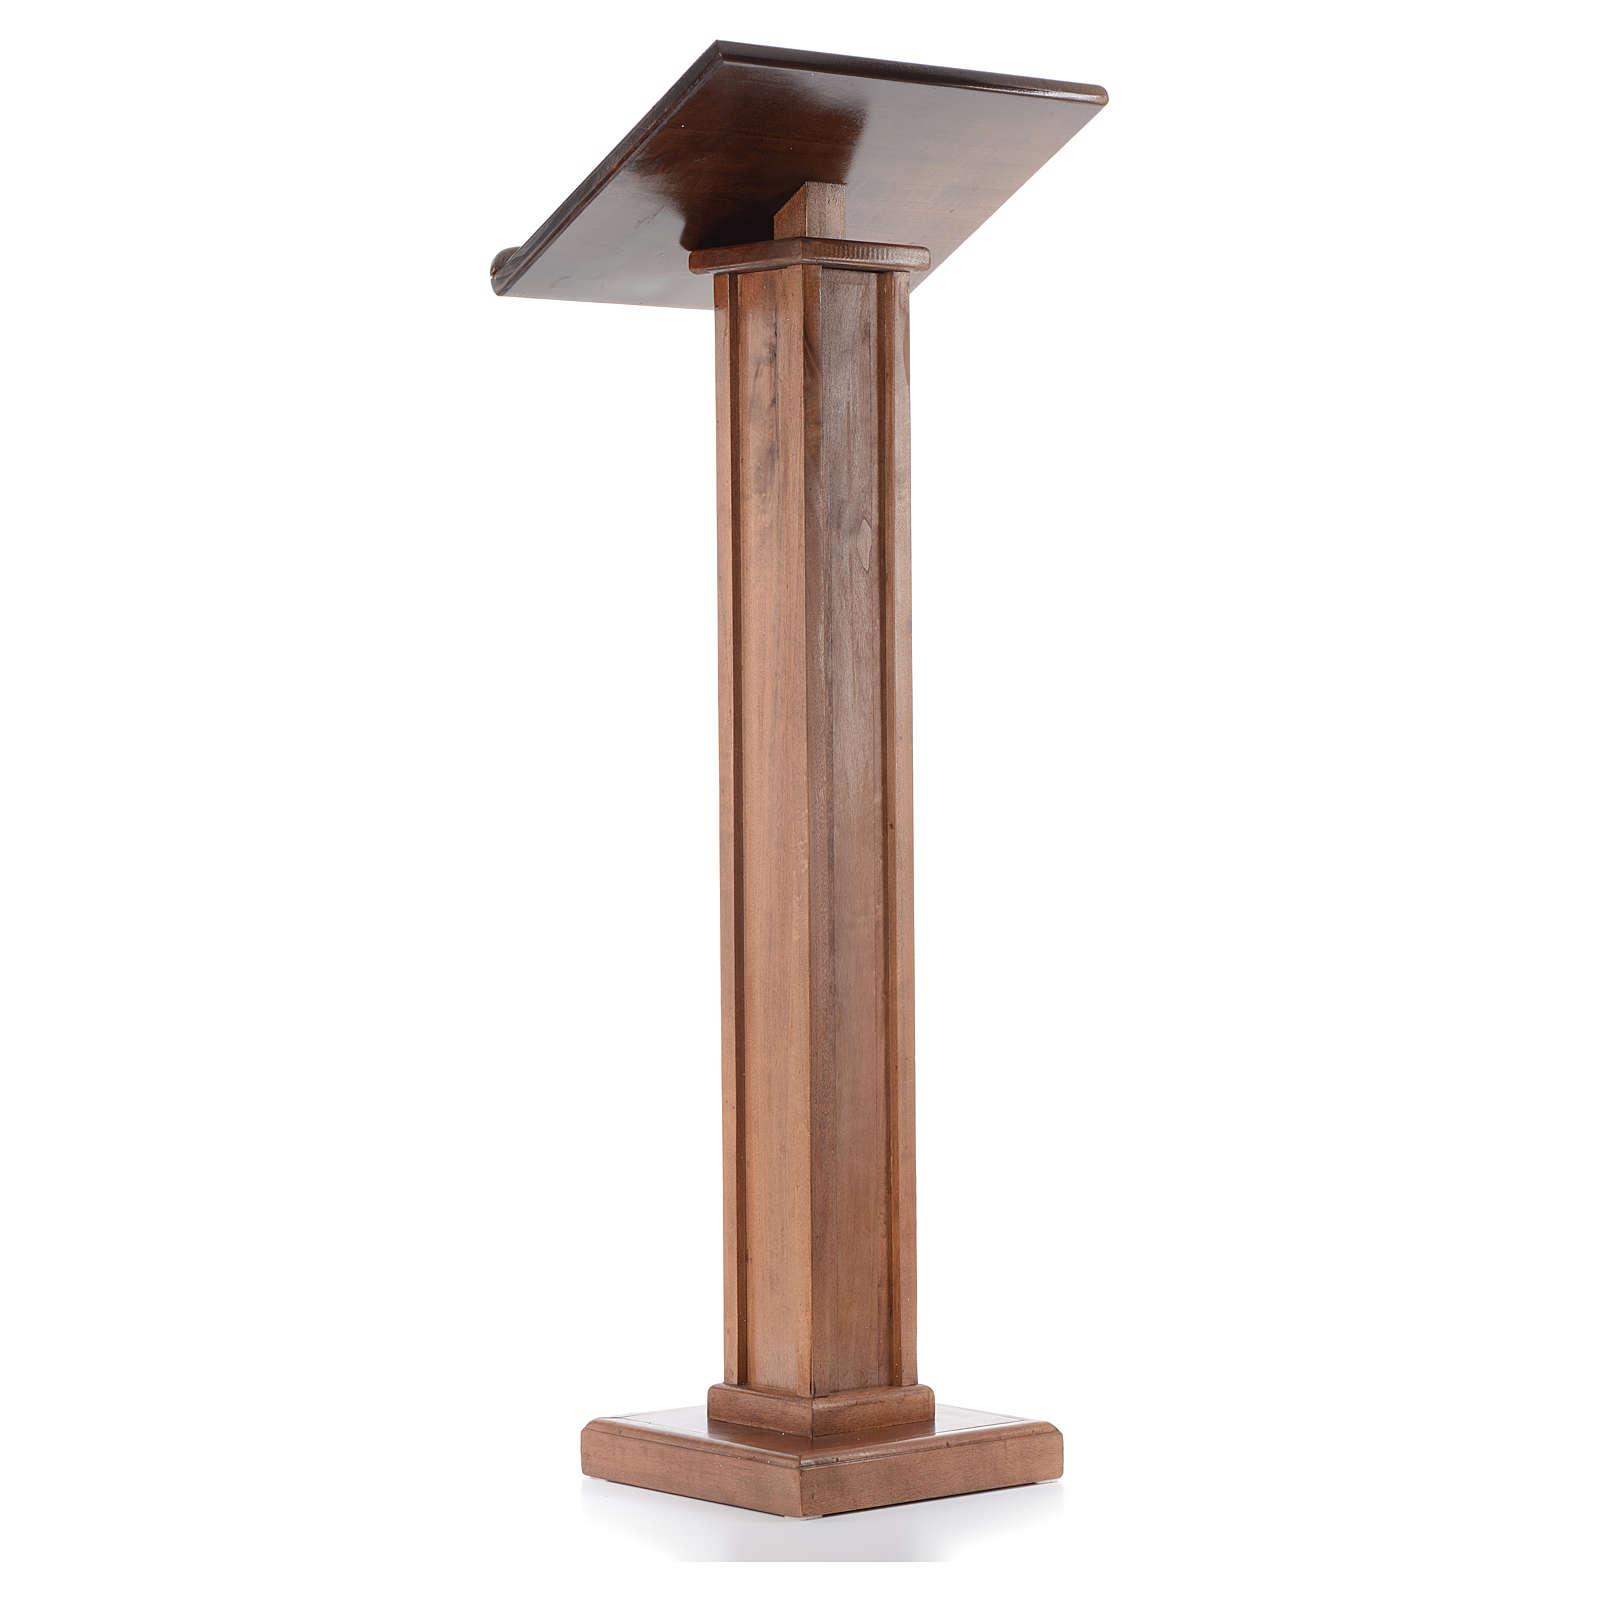 Leggio a colonna legno altezza regolabile 120x45x34 cm 4